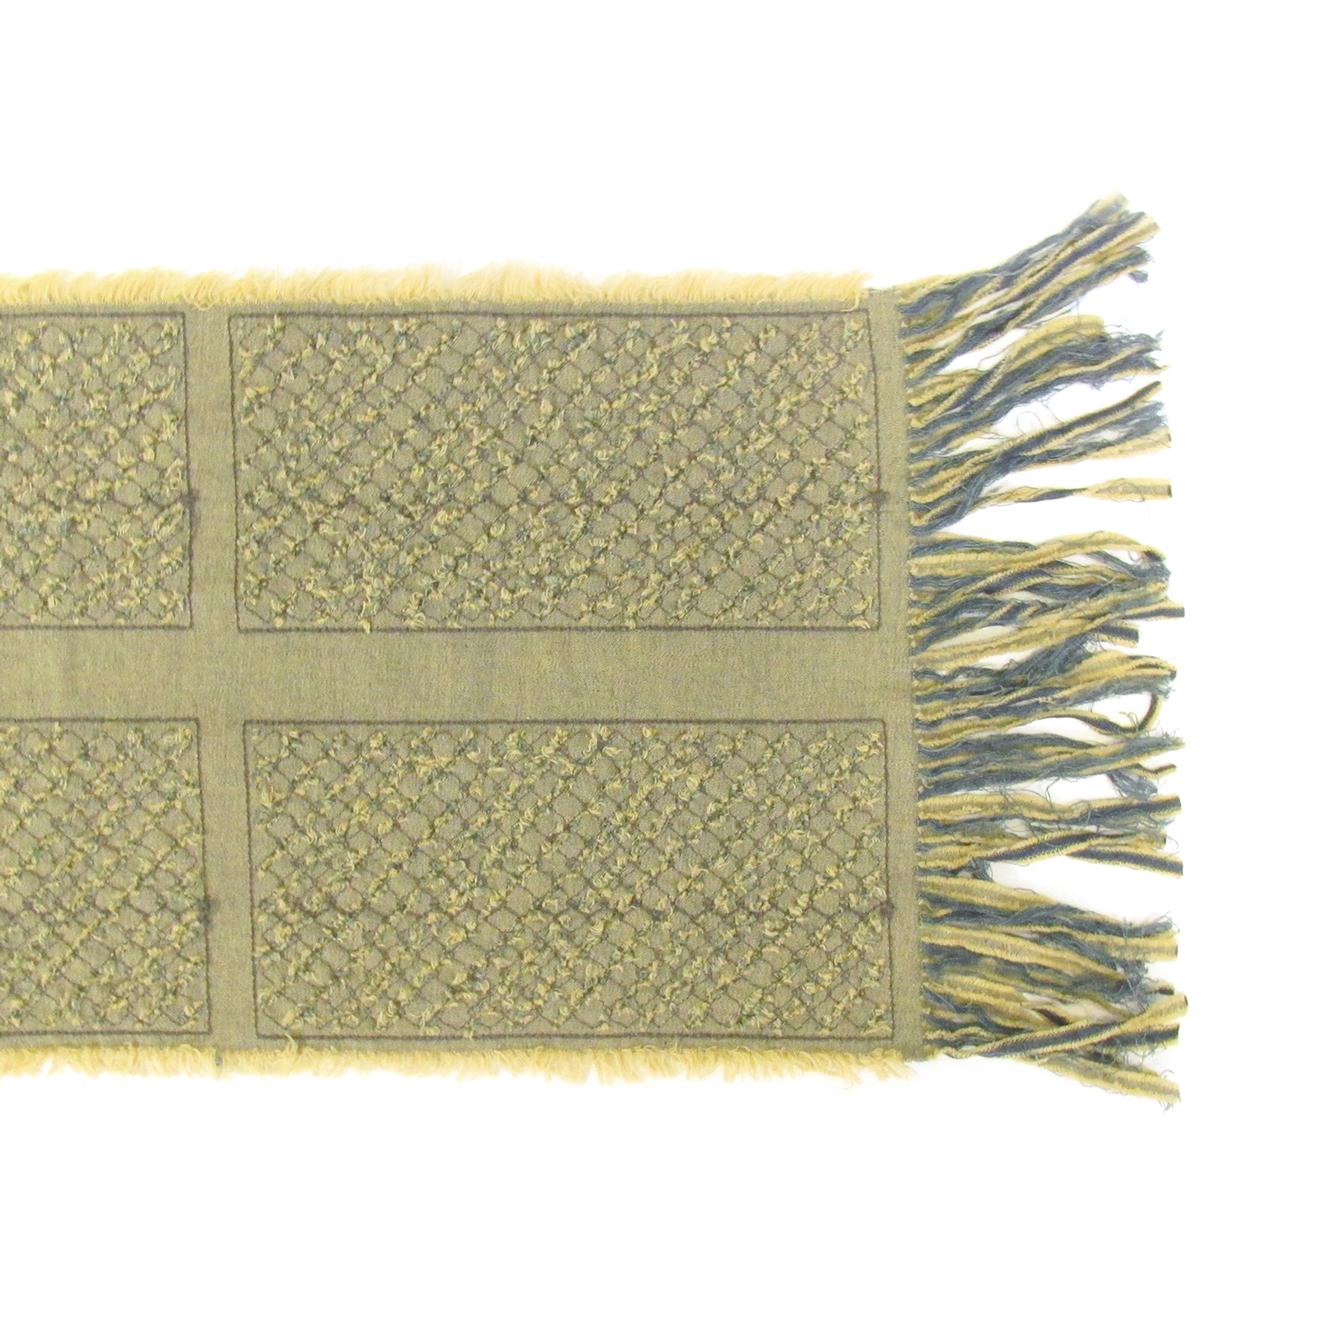 《ビージュエルド》ストール(日本製) デニムカットに刺繍【イエロー】